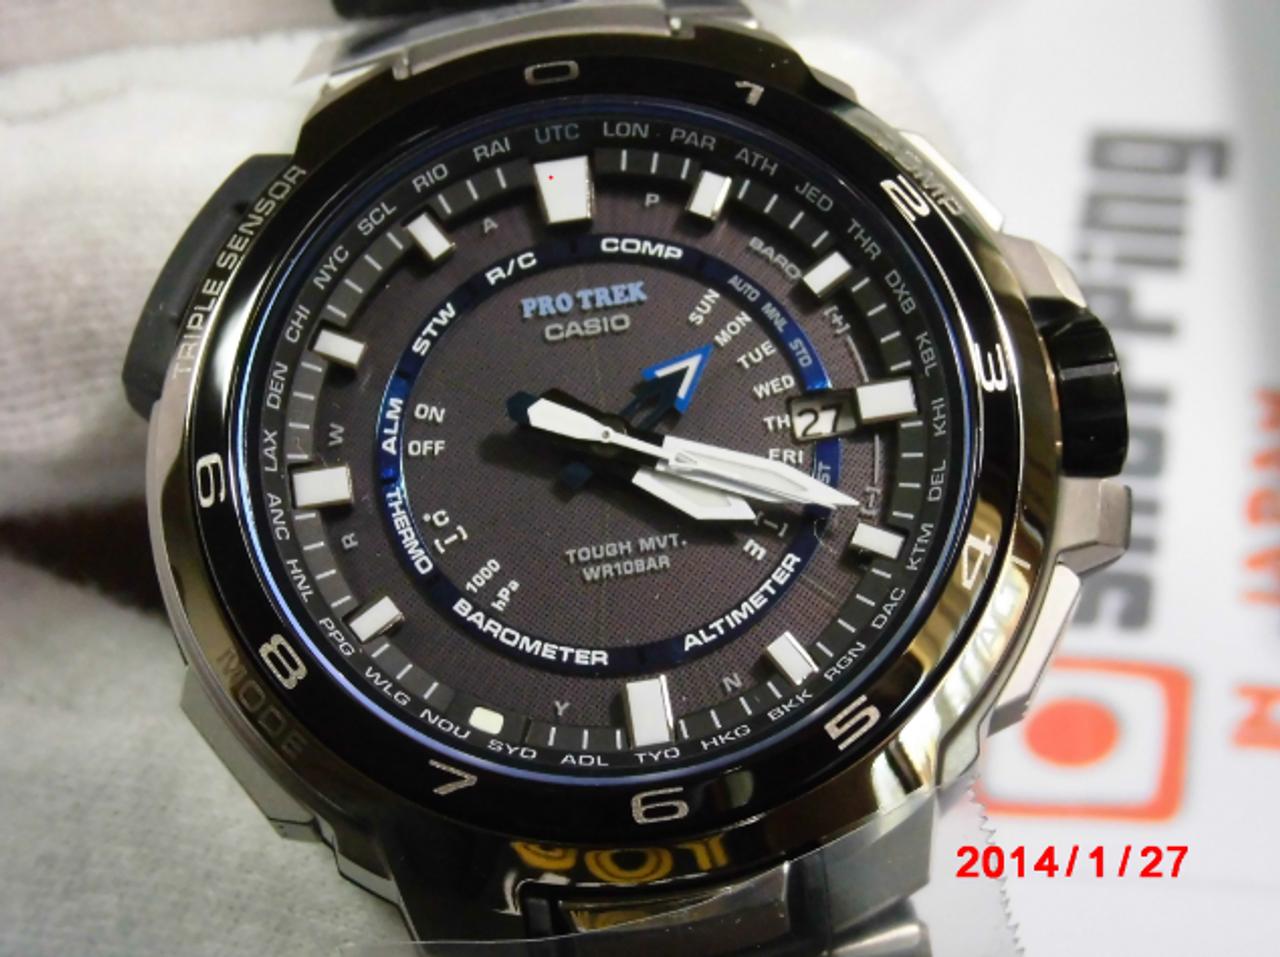 PRX-7000L-7JF